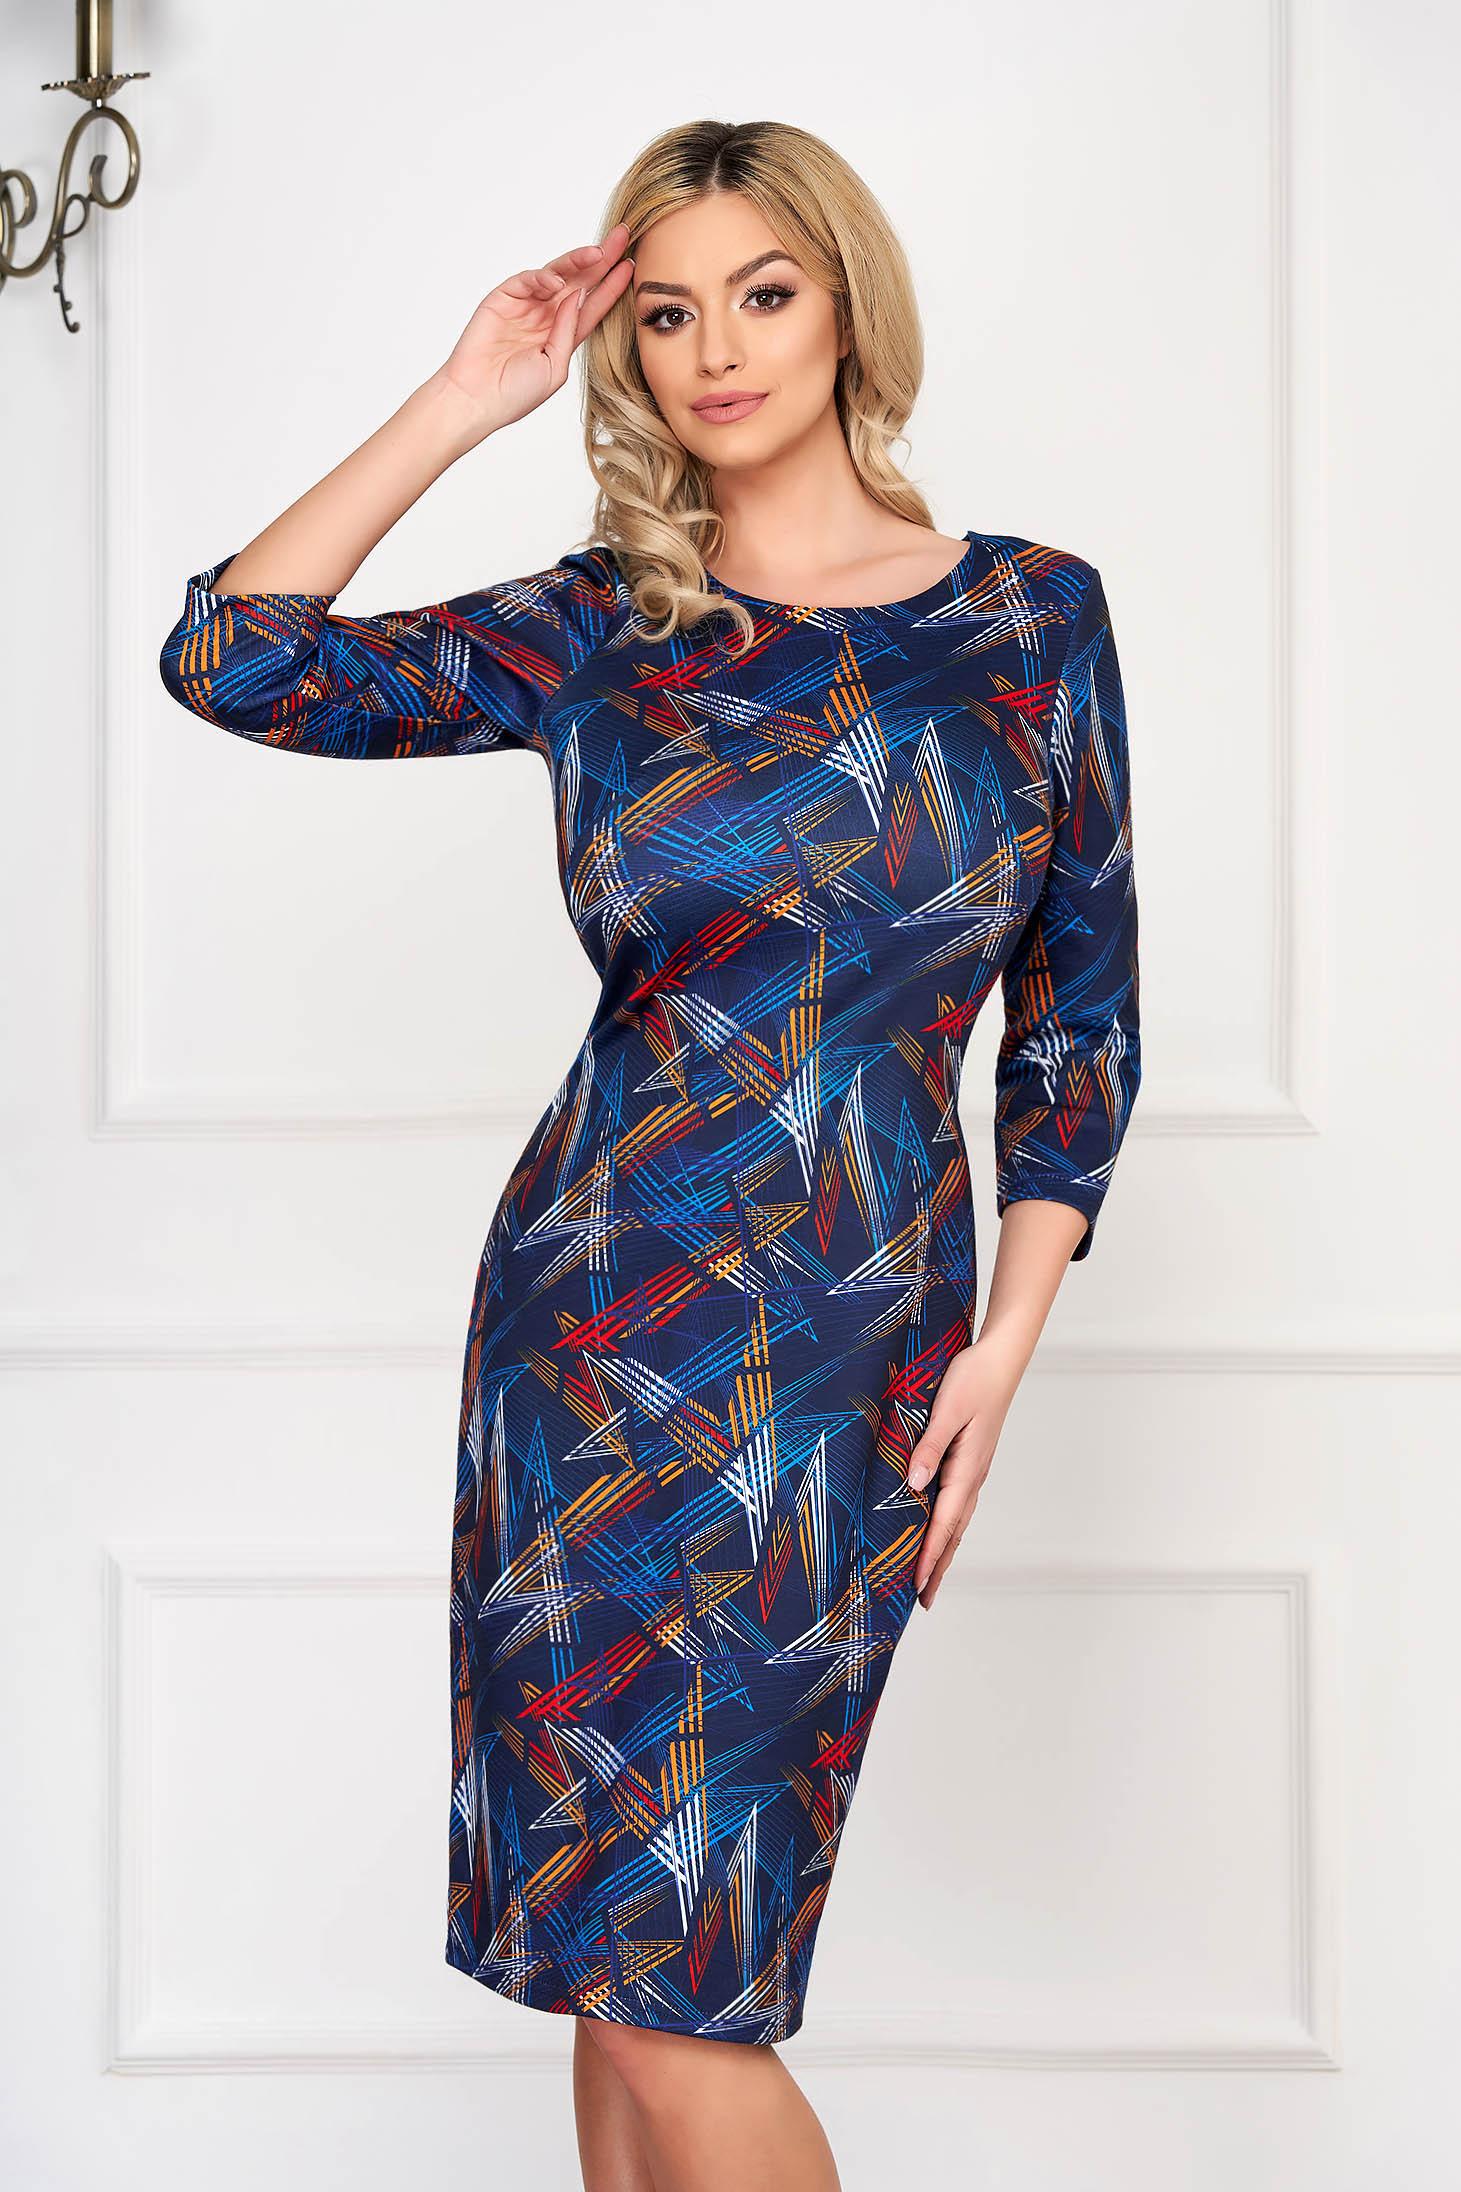 Rochie albastru-inchis eleganta midi tip creion din bumbac cu maneca lunga si imprimeuri